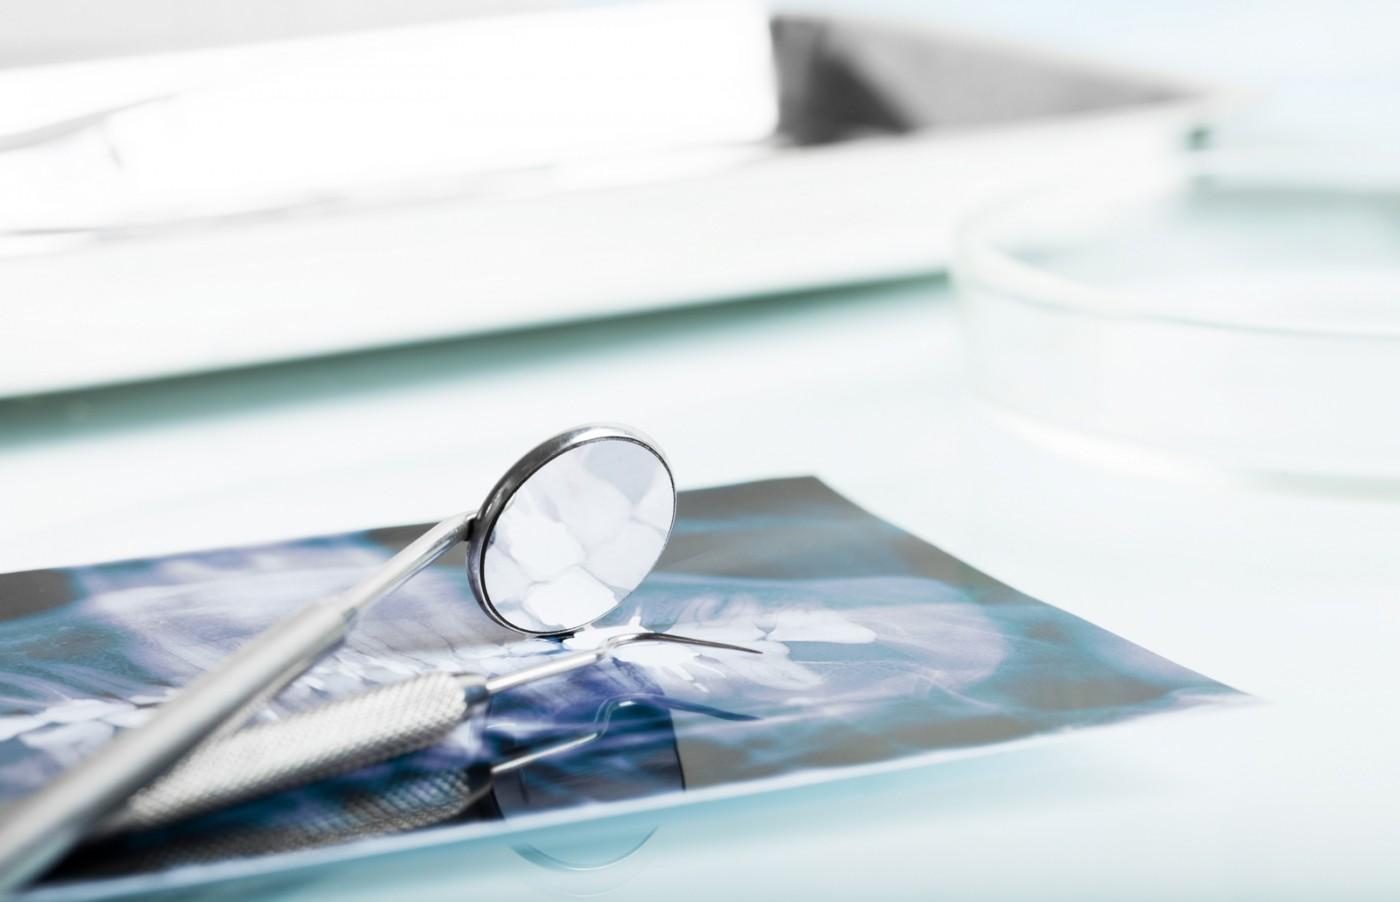 Ce aport aduce radiologia dentară la realizarea corectă a unui tratament stomatologic?